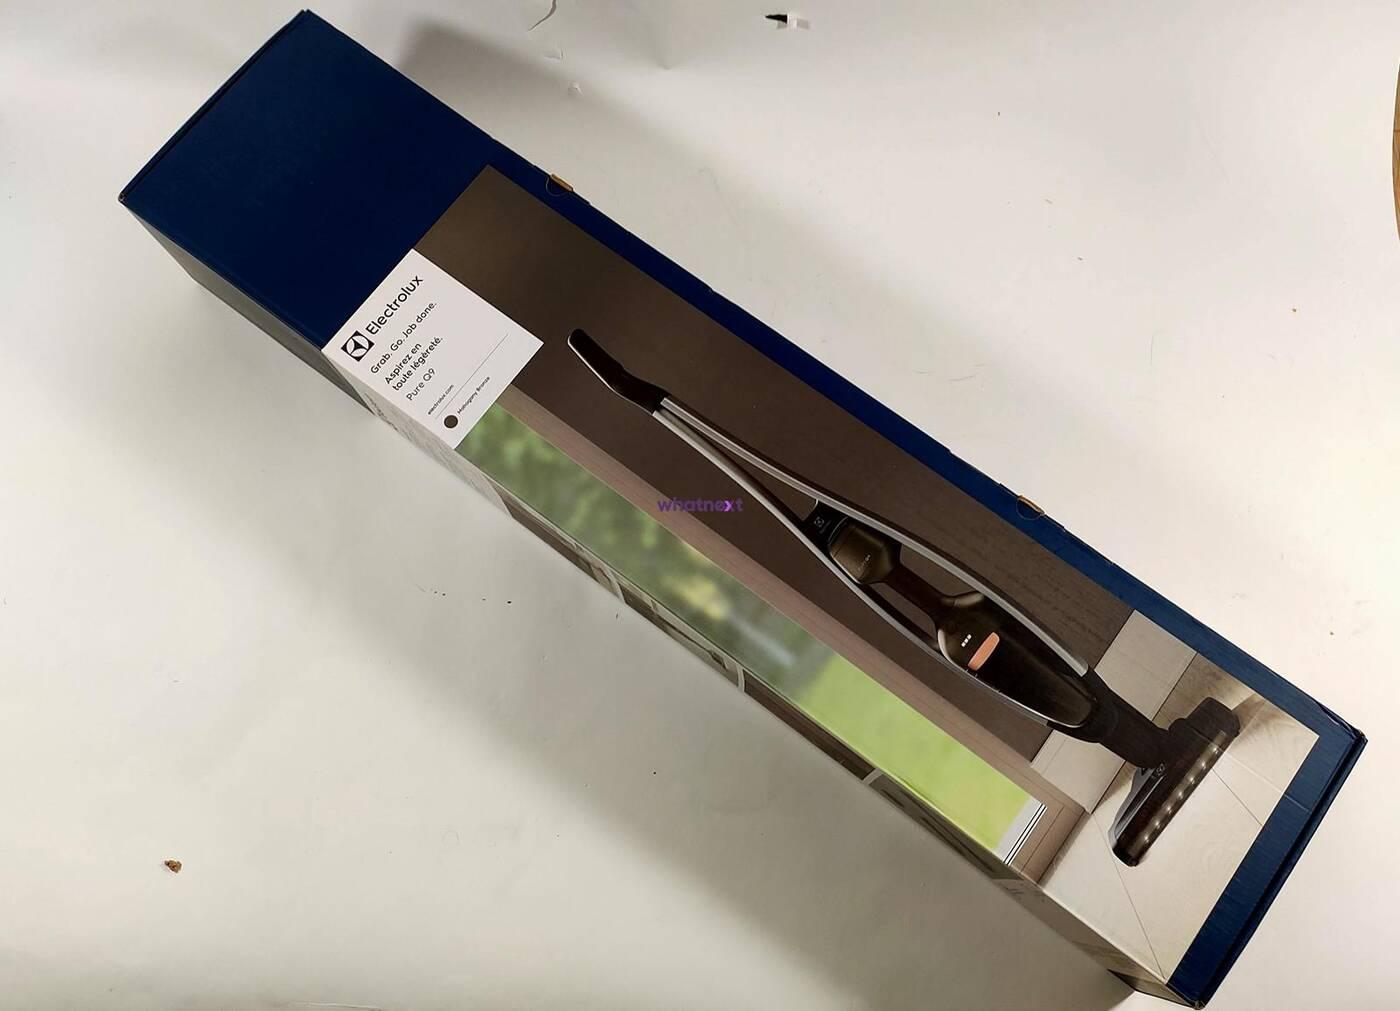 Electrolux Pure Q9, test Electrolux Pure Q9, recenzja Electrolux Pure Q9, review Electrolux Pure Q9, odkurzacz Electrolux Pure Q9,